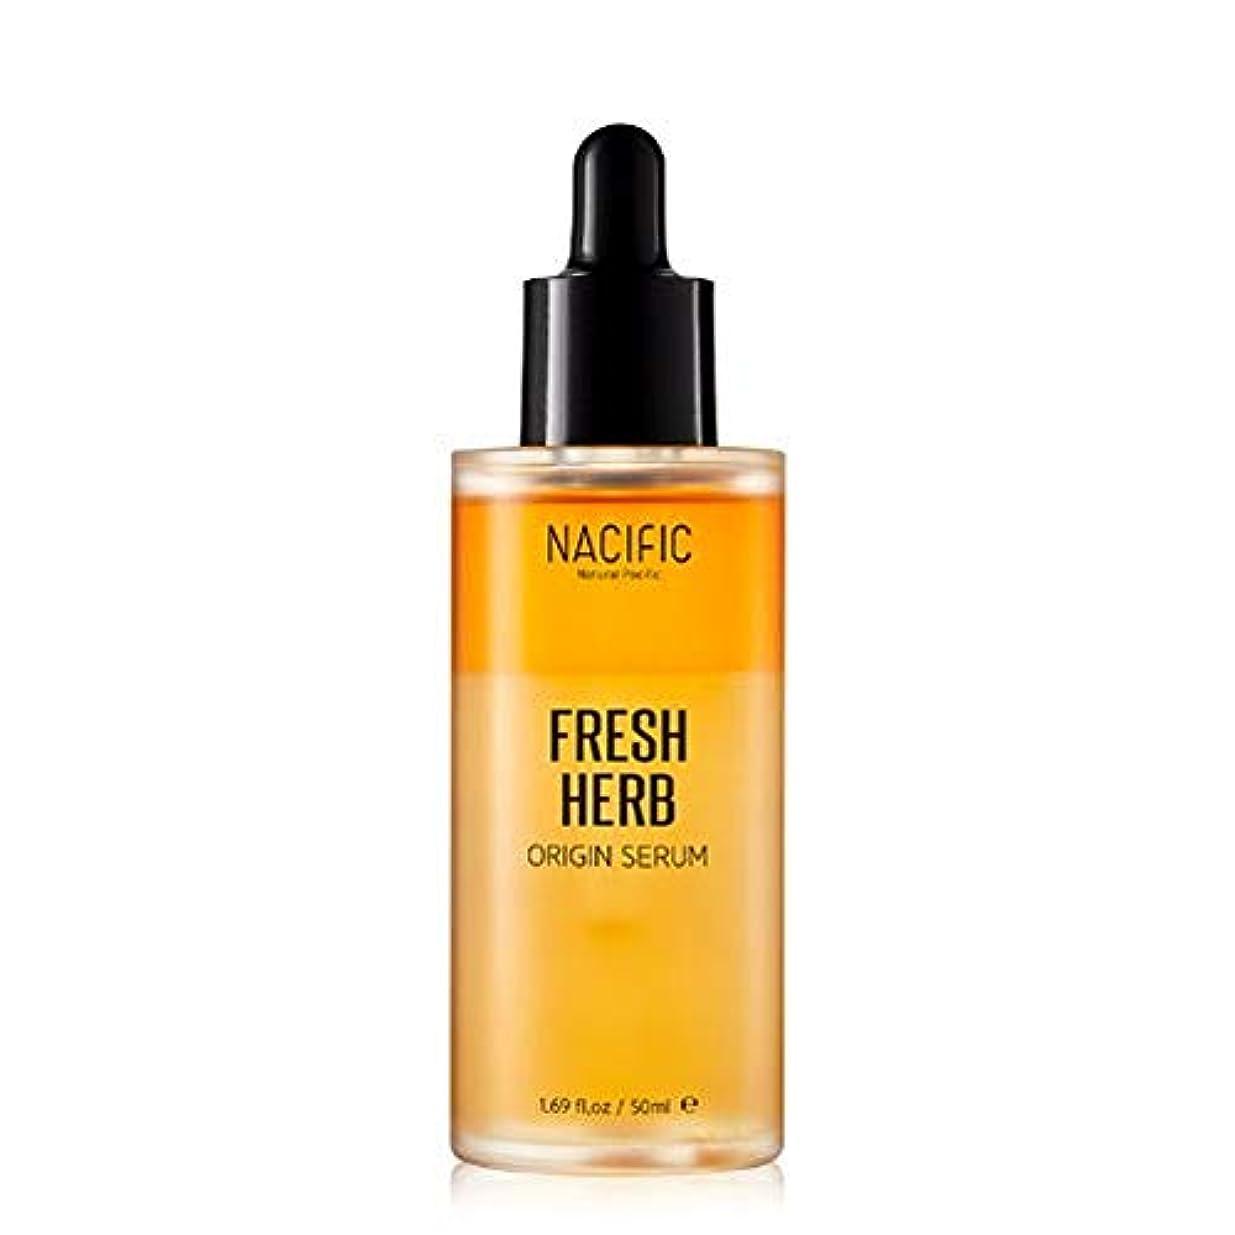 安息腕ルー[NACIFIC/ナシフィック] Fresh Herb Origin Serum 50ml/フレッシュ ハーブ オリジン セラム 50ml ヨックセラム 韓国コスメ 韓国 [並行輸入品]